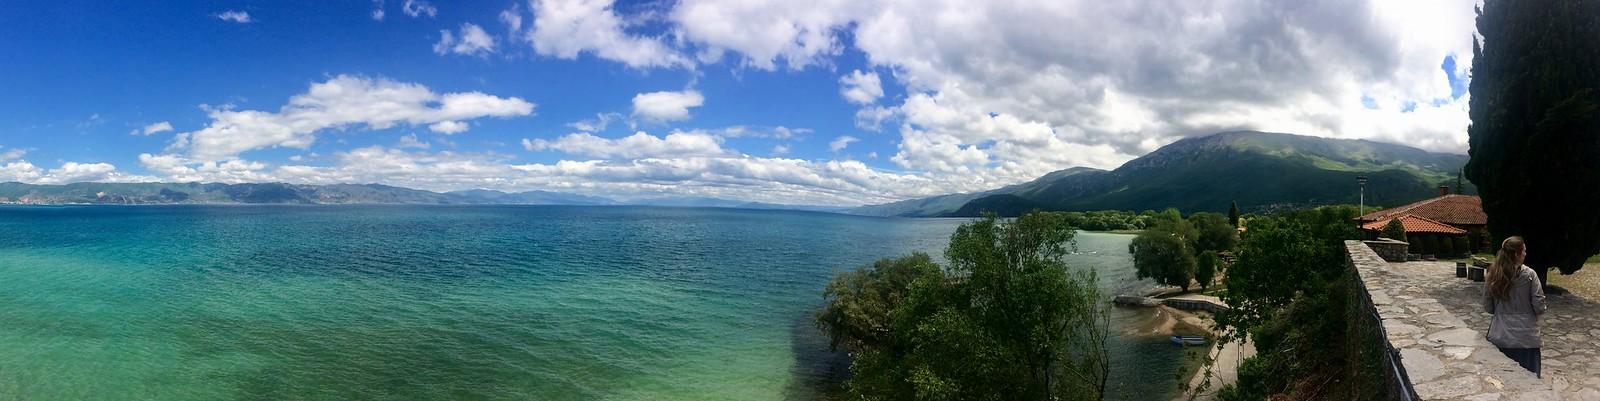 201705 - Balkans - Lake Ohrid Panorama - 74 of 101 - Nacionalen Park Galicica - Ohrid, Ohrid, May 28, 2017